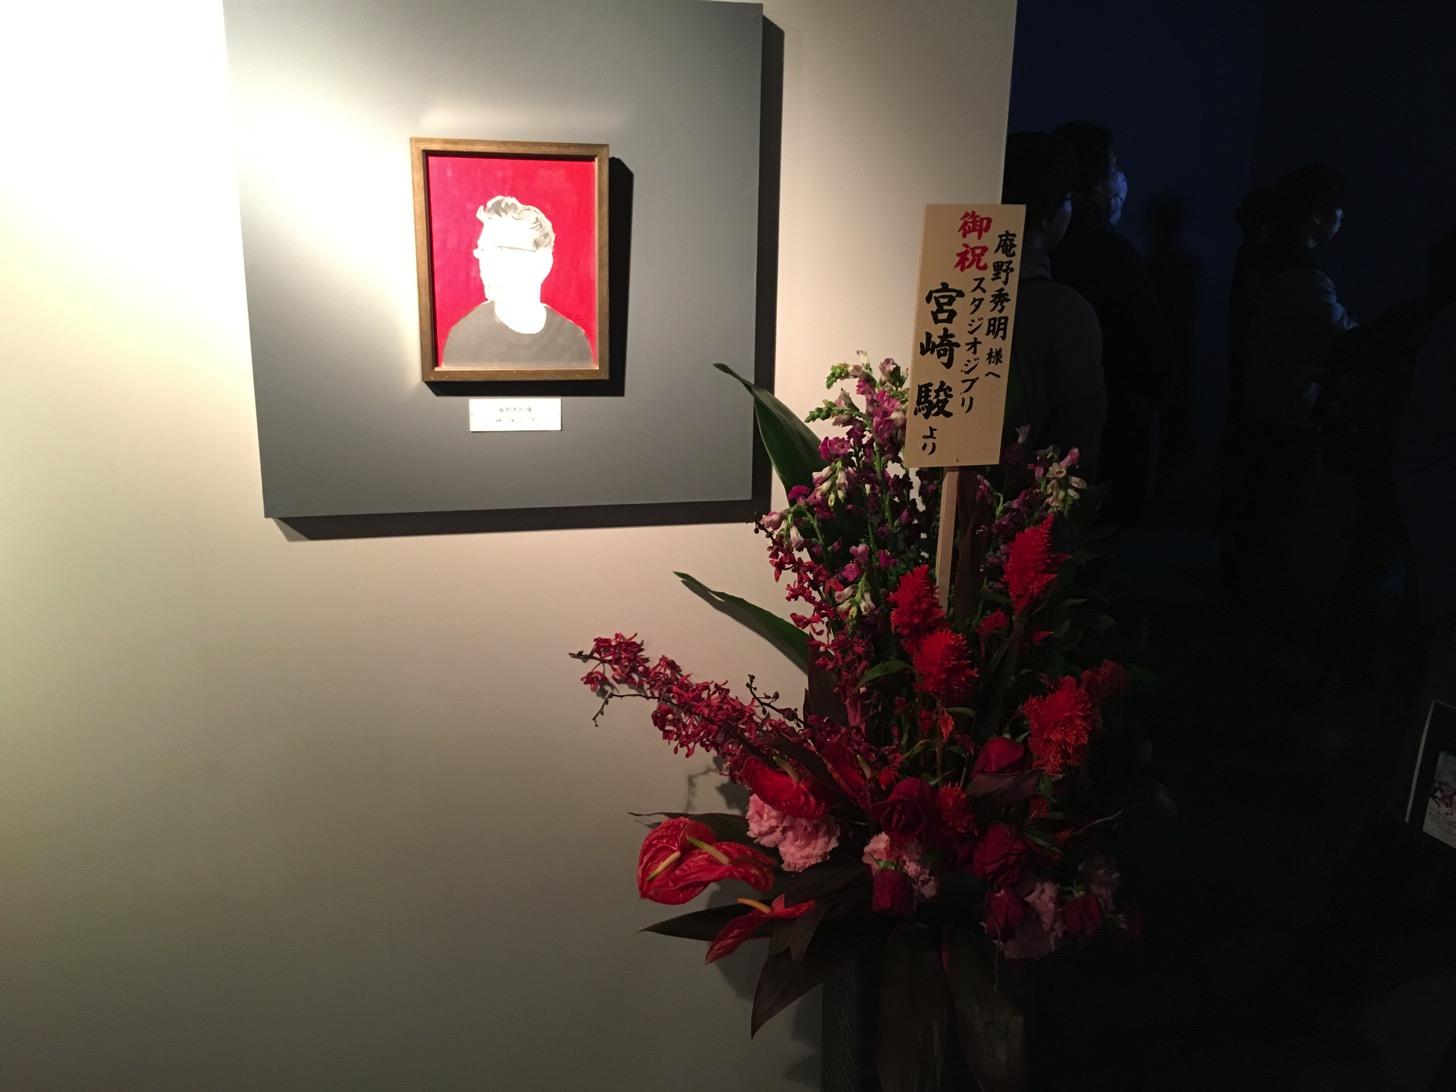 安野モヨコ氏が書いた庵野秀明の似顔絵の前に宮崎駿の花